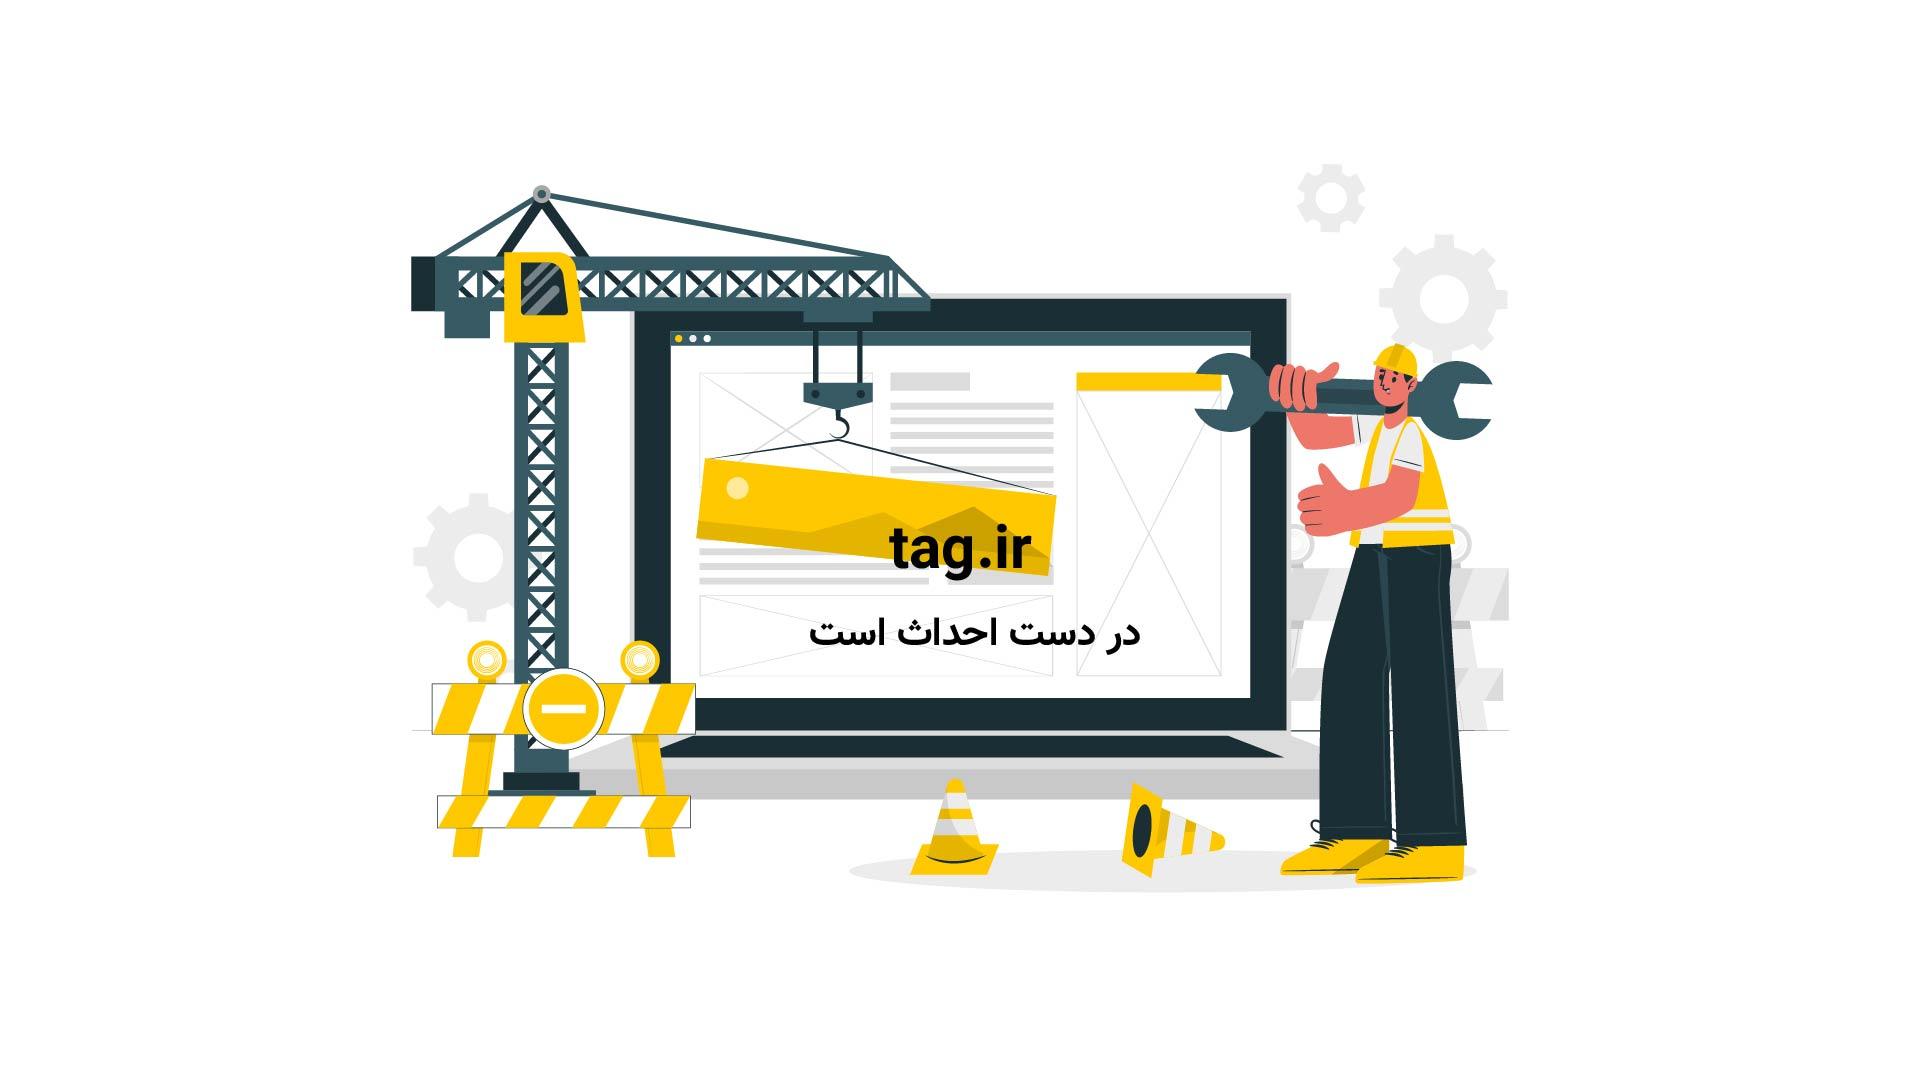 چالش مانکن زیبا و خلاقانه هواداران رئال مادرید بعد از پیروزی در دربی مادرید | فیلم